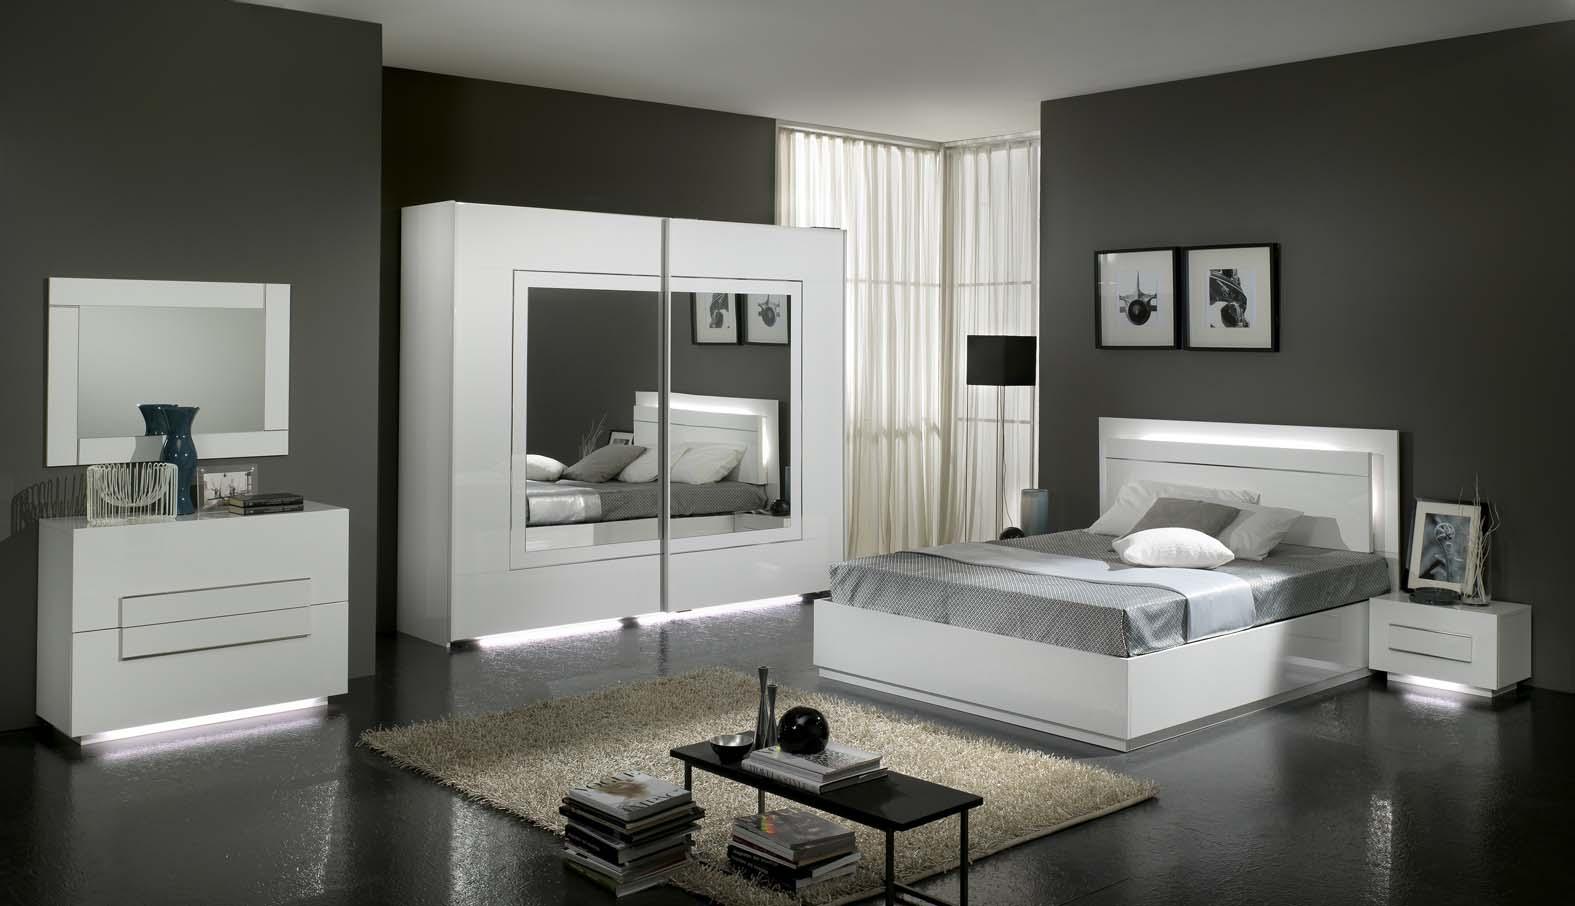 Camera da letto bianca e argento ecco 15 idee che vi - Camera da letto bianca ...